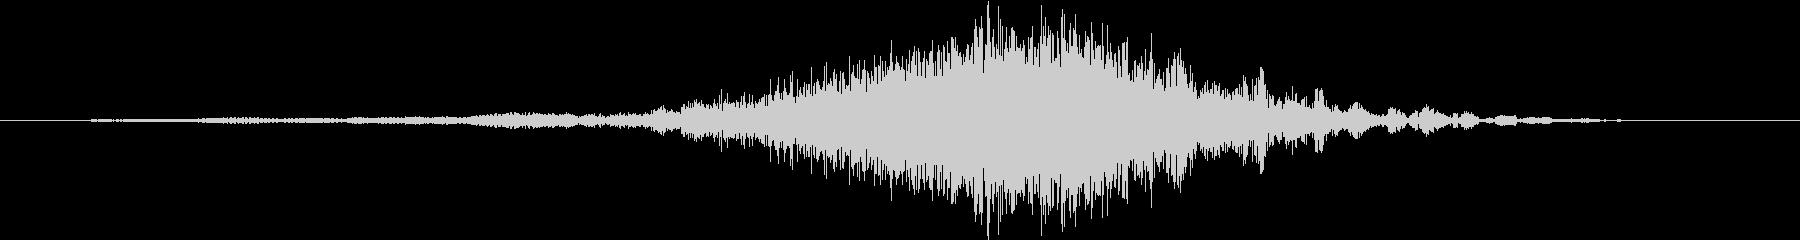 【ライザー】51 エピックサウンド 始動の未再生の波形